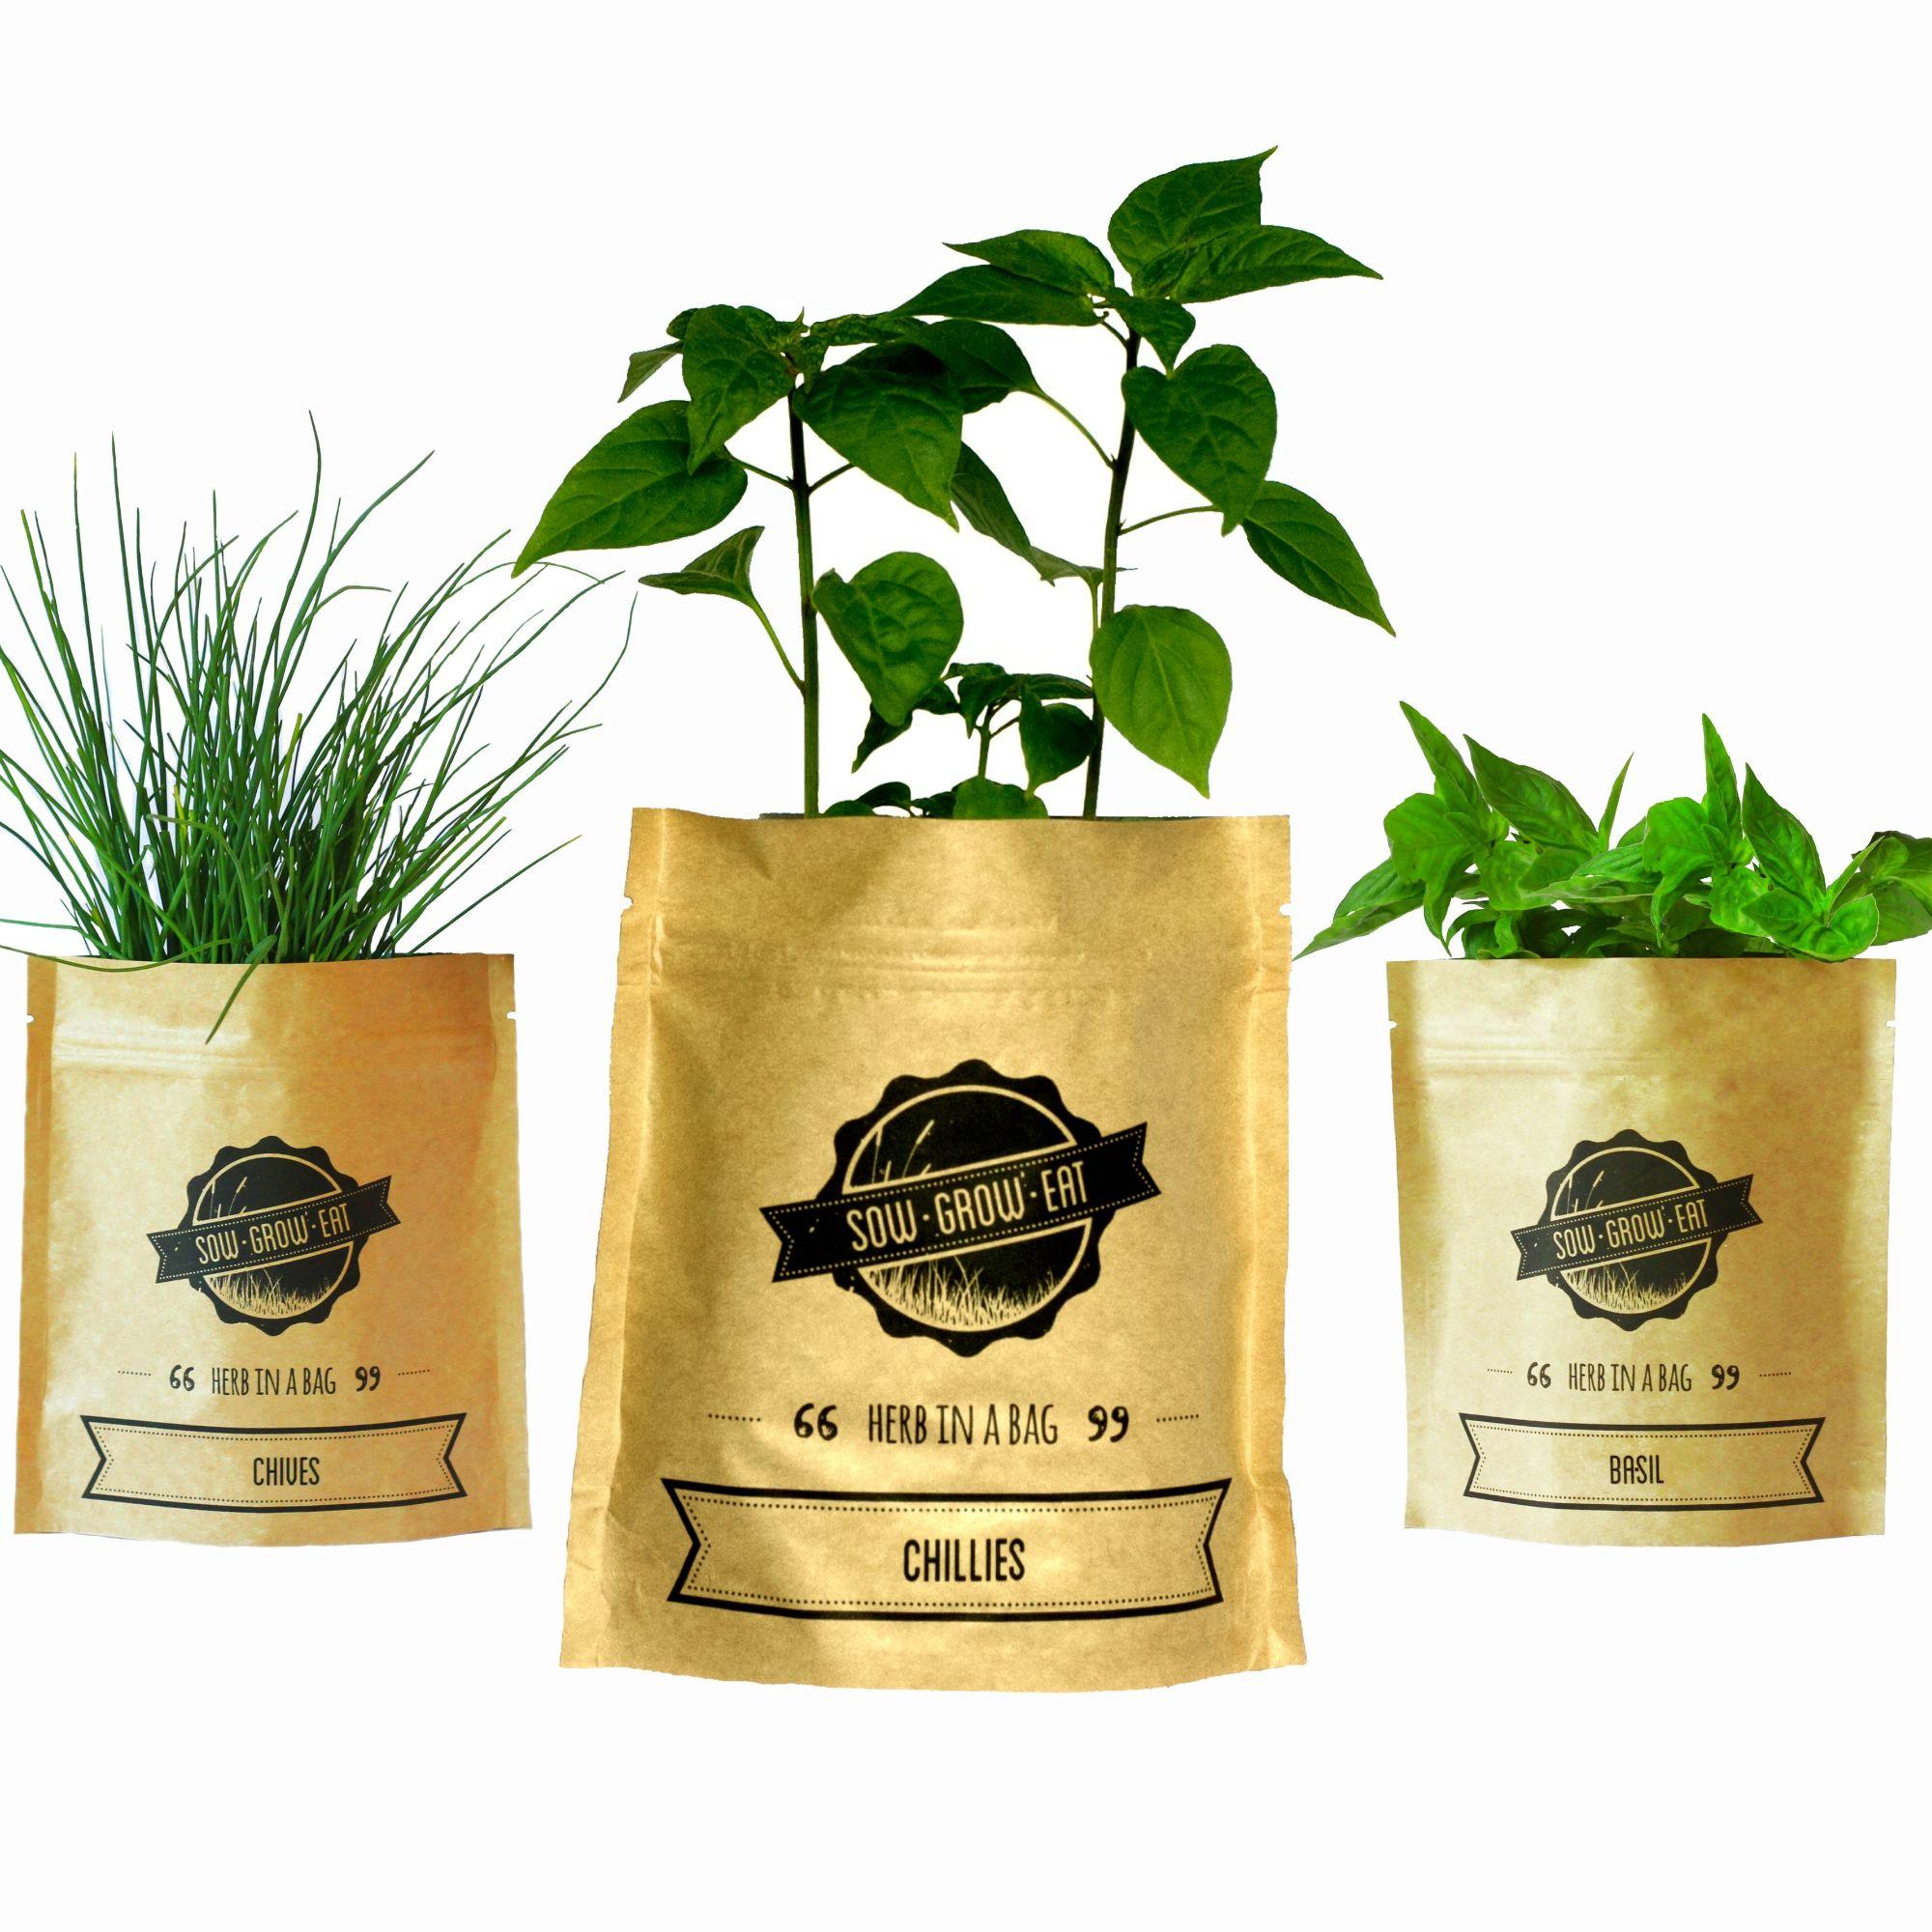 Herb in a Bag Bundle Herb growing kits, Herbs, Homegrown